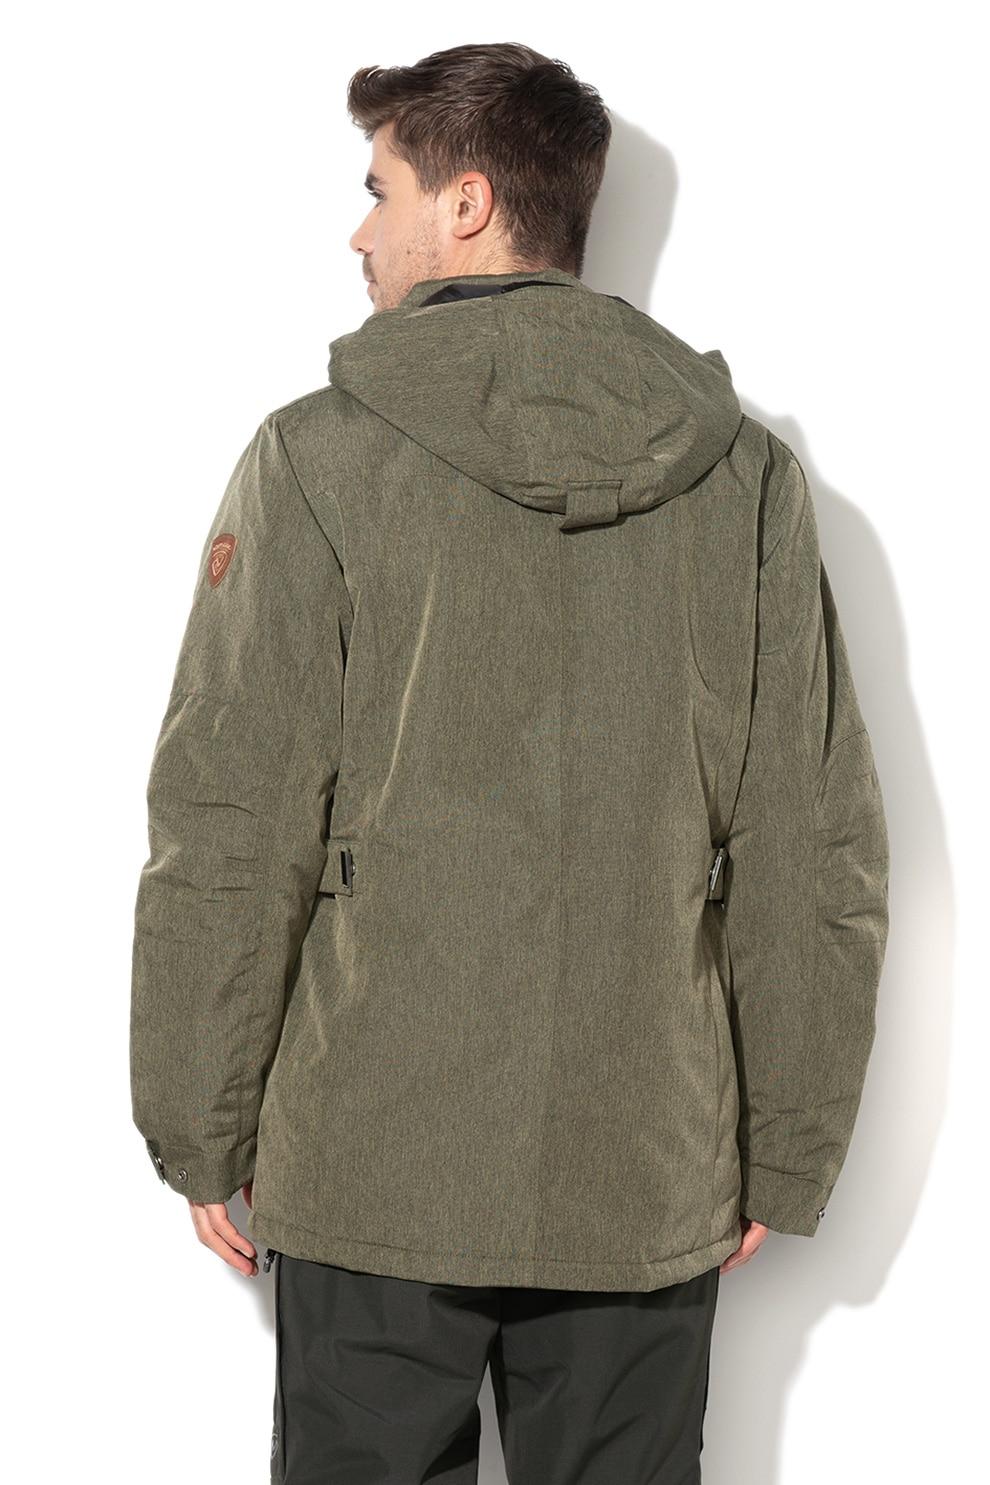 Férfi kabátok, dzsekik és mellények Típus Kabát Szín Barna